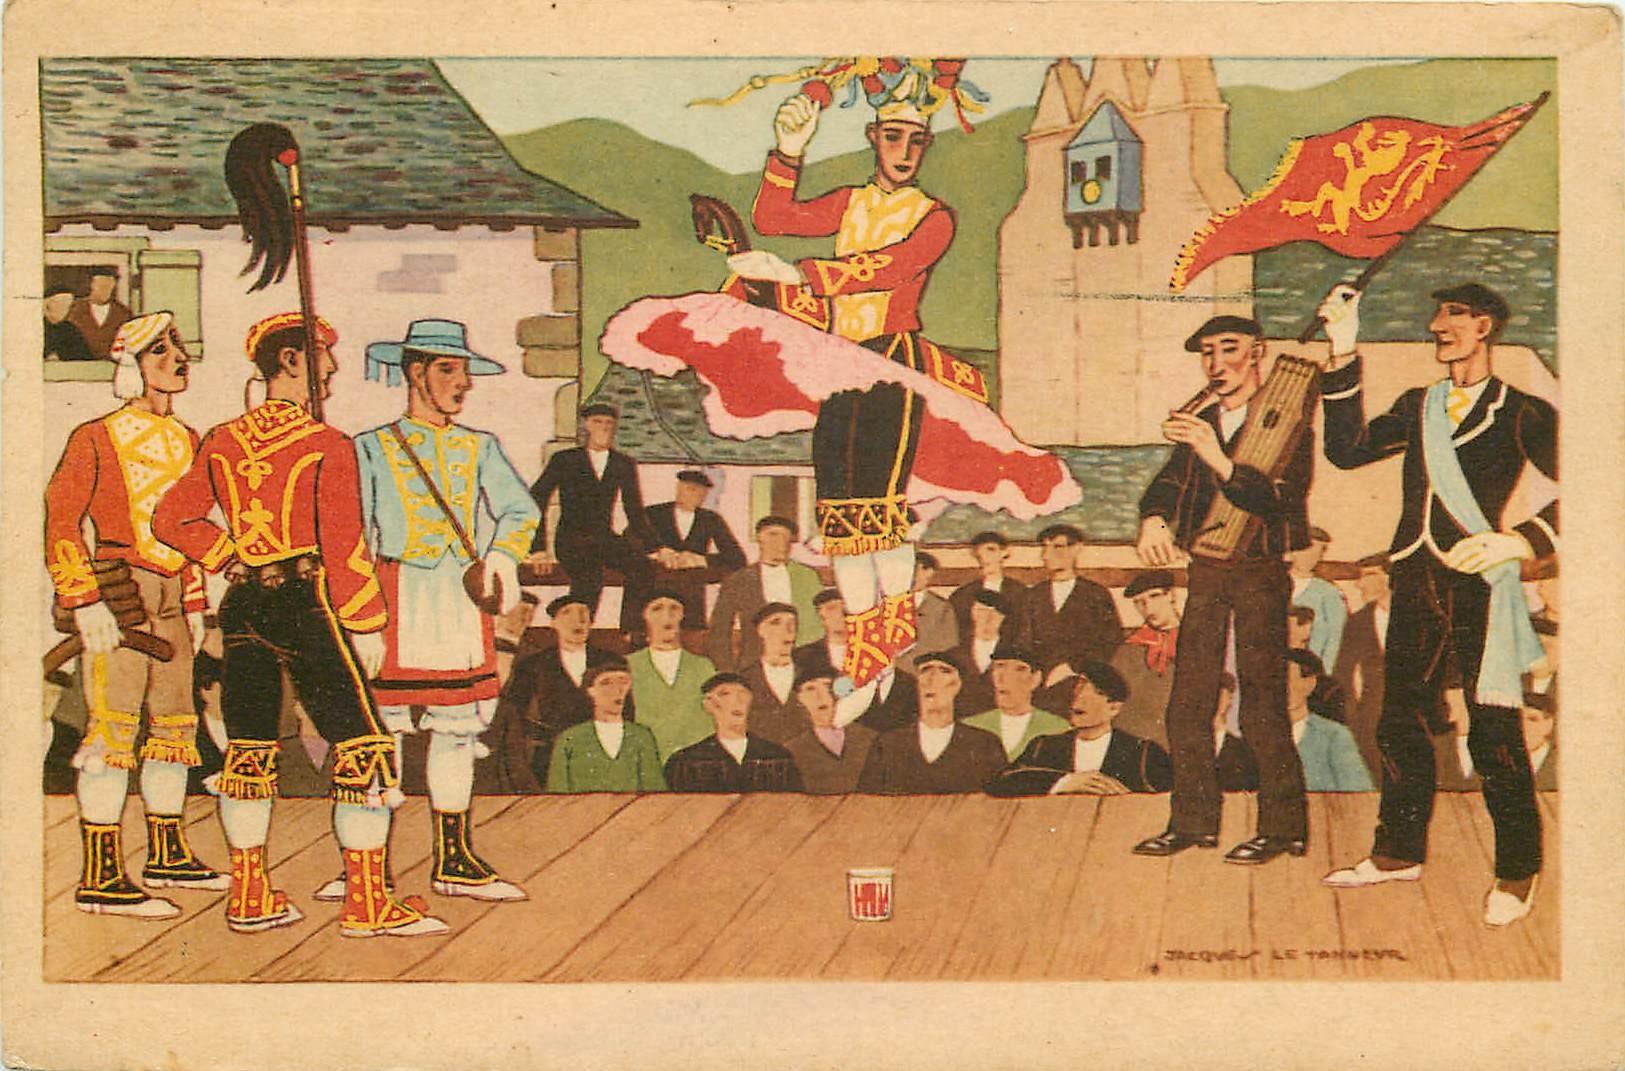 64 ASCAIN. Danse basque d'après Jacques le Tanneur 1947. Destinataire à Bagnolet